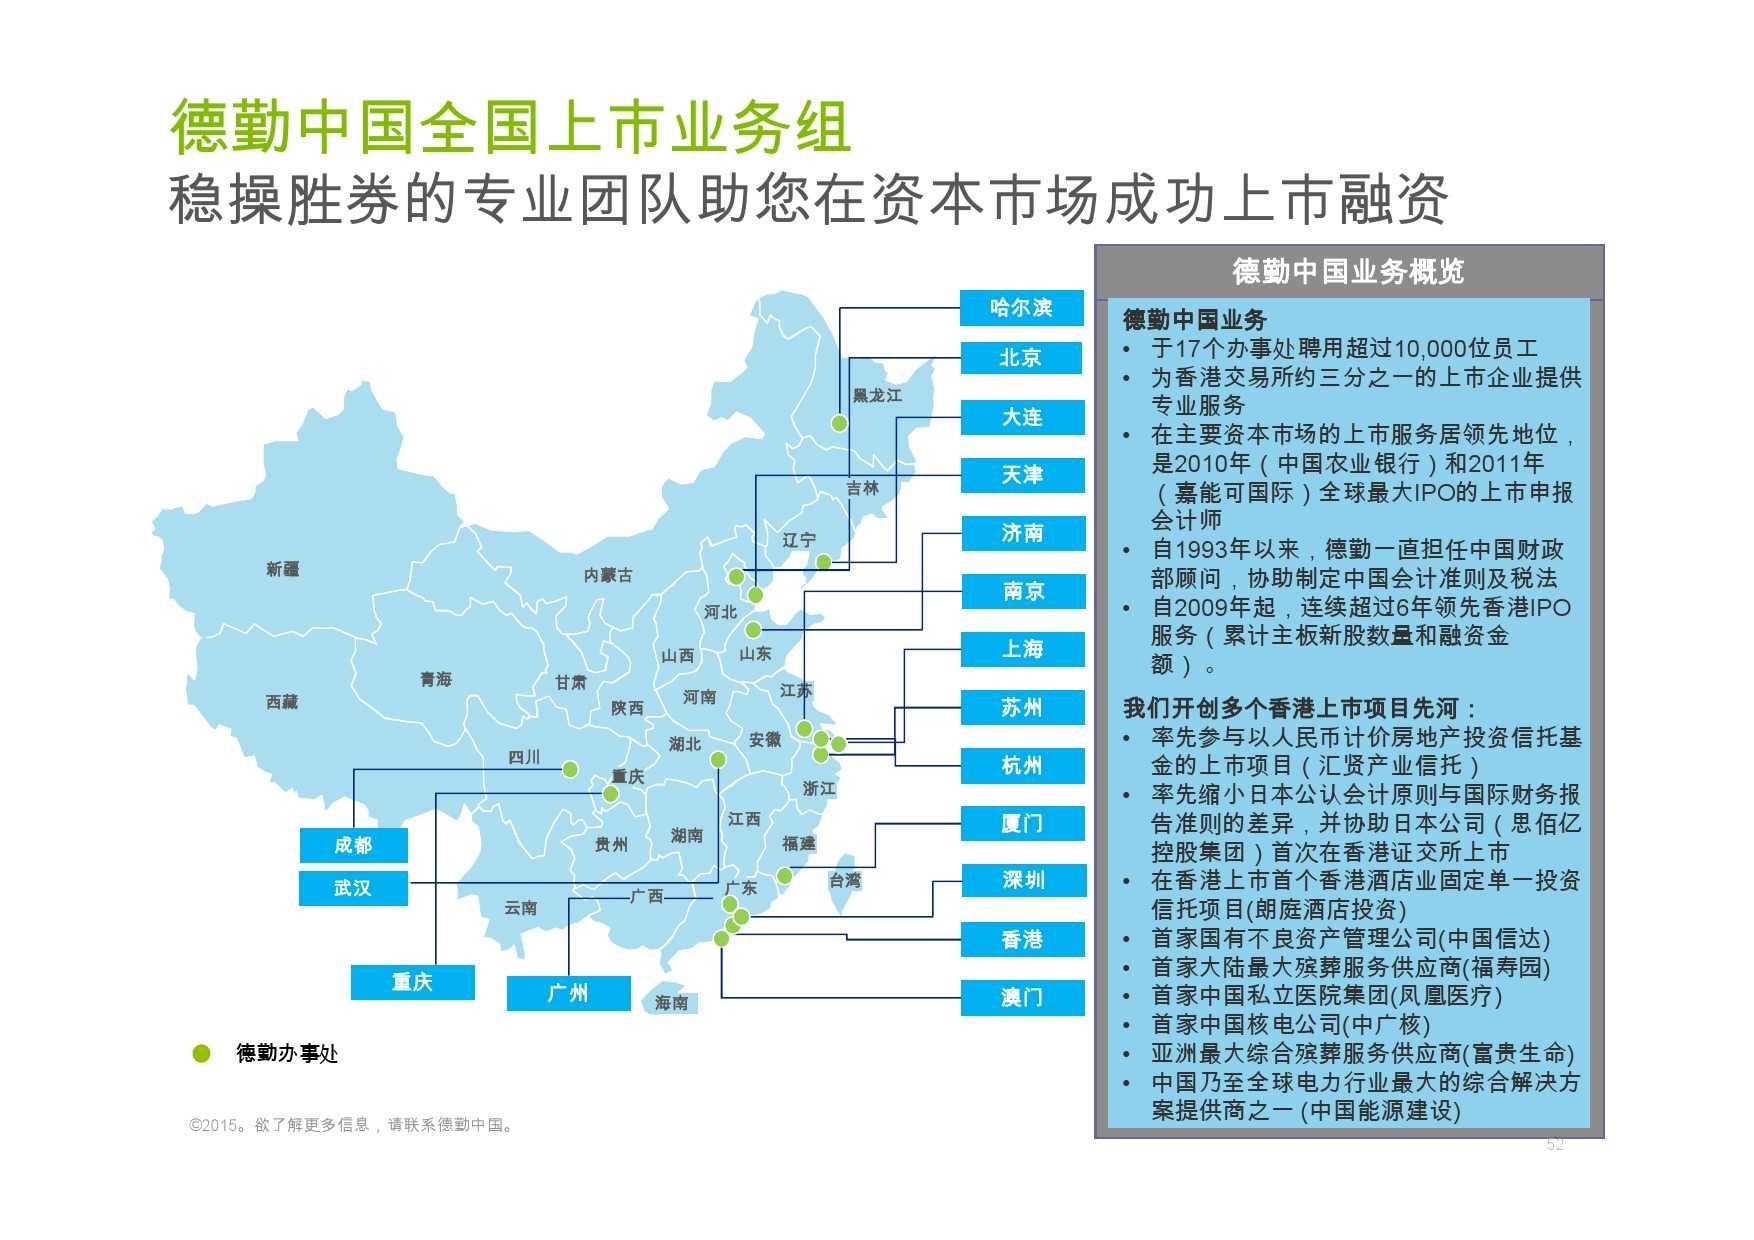 德勤:香港及中国大陆IPO巿场2015年回顾与2016年展望_000052